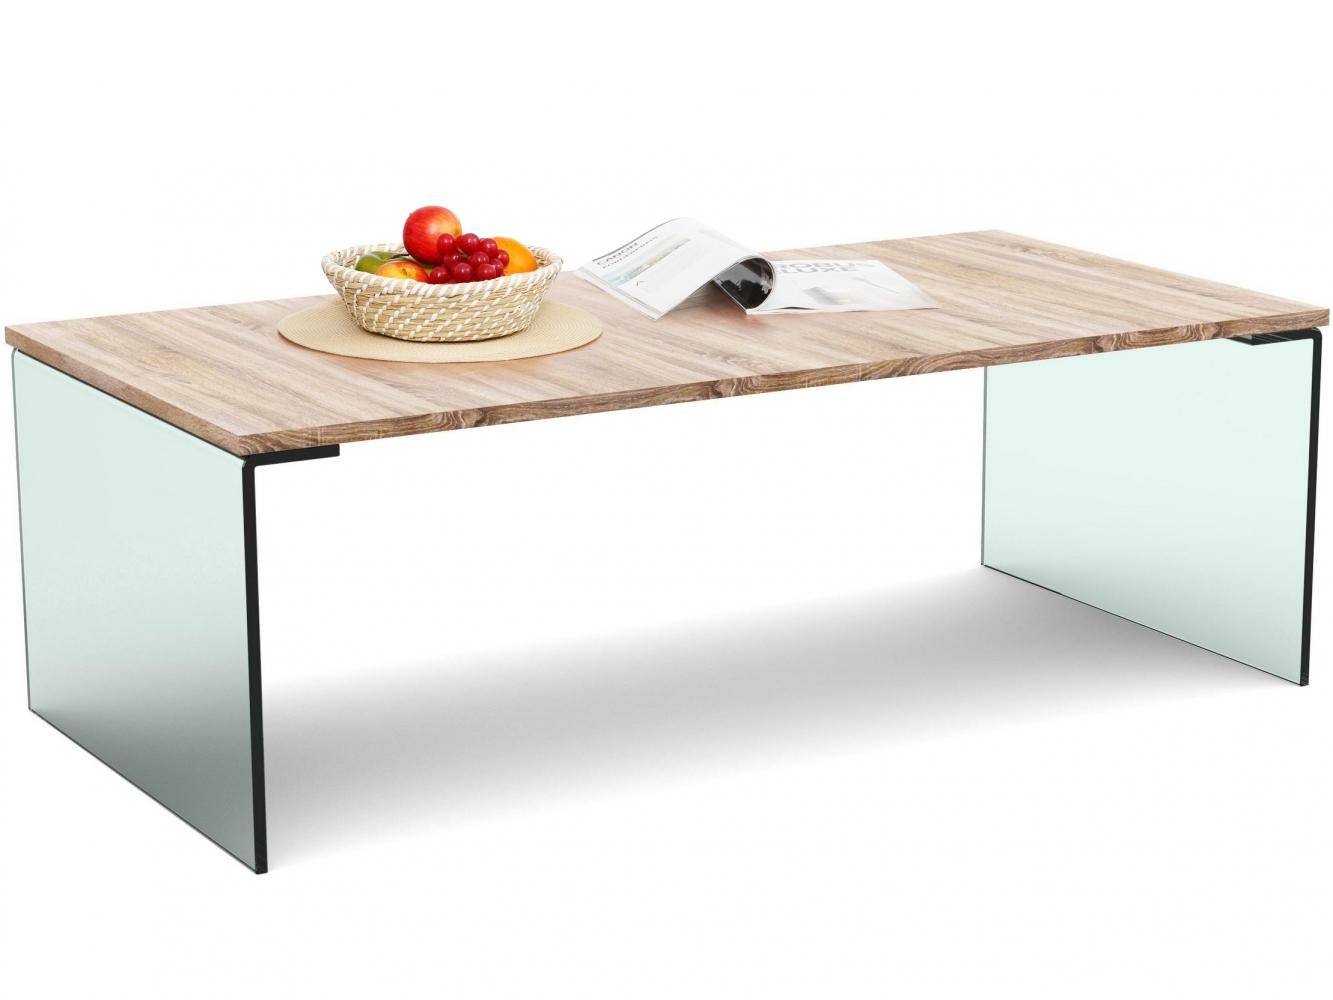 Konferenční stolek Anes, 120 cm, dub / sklo